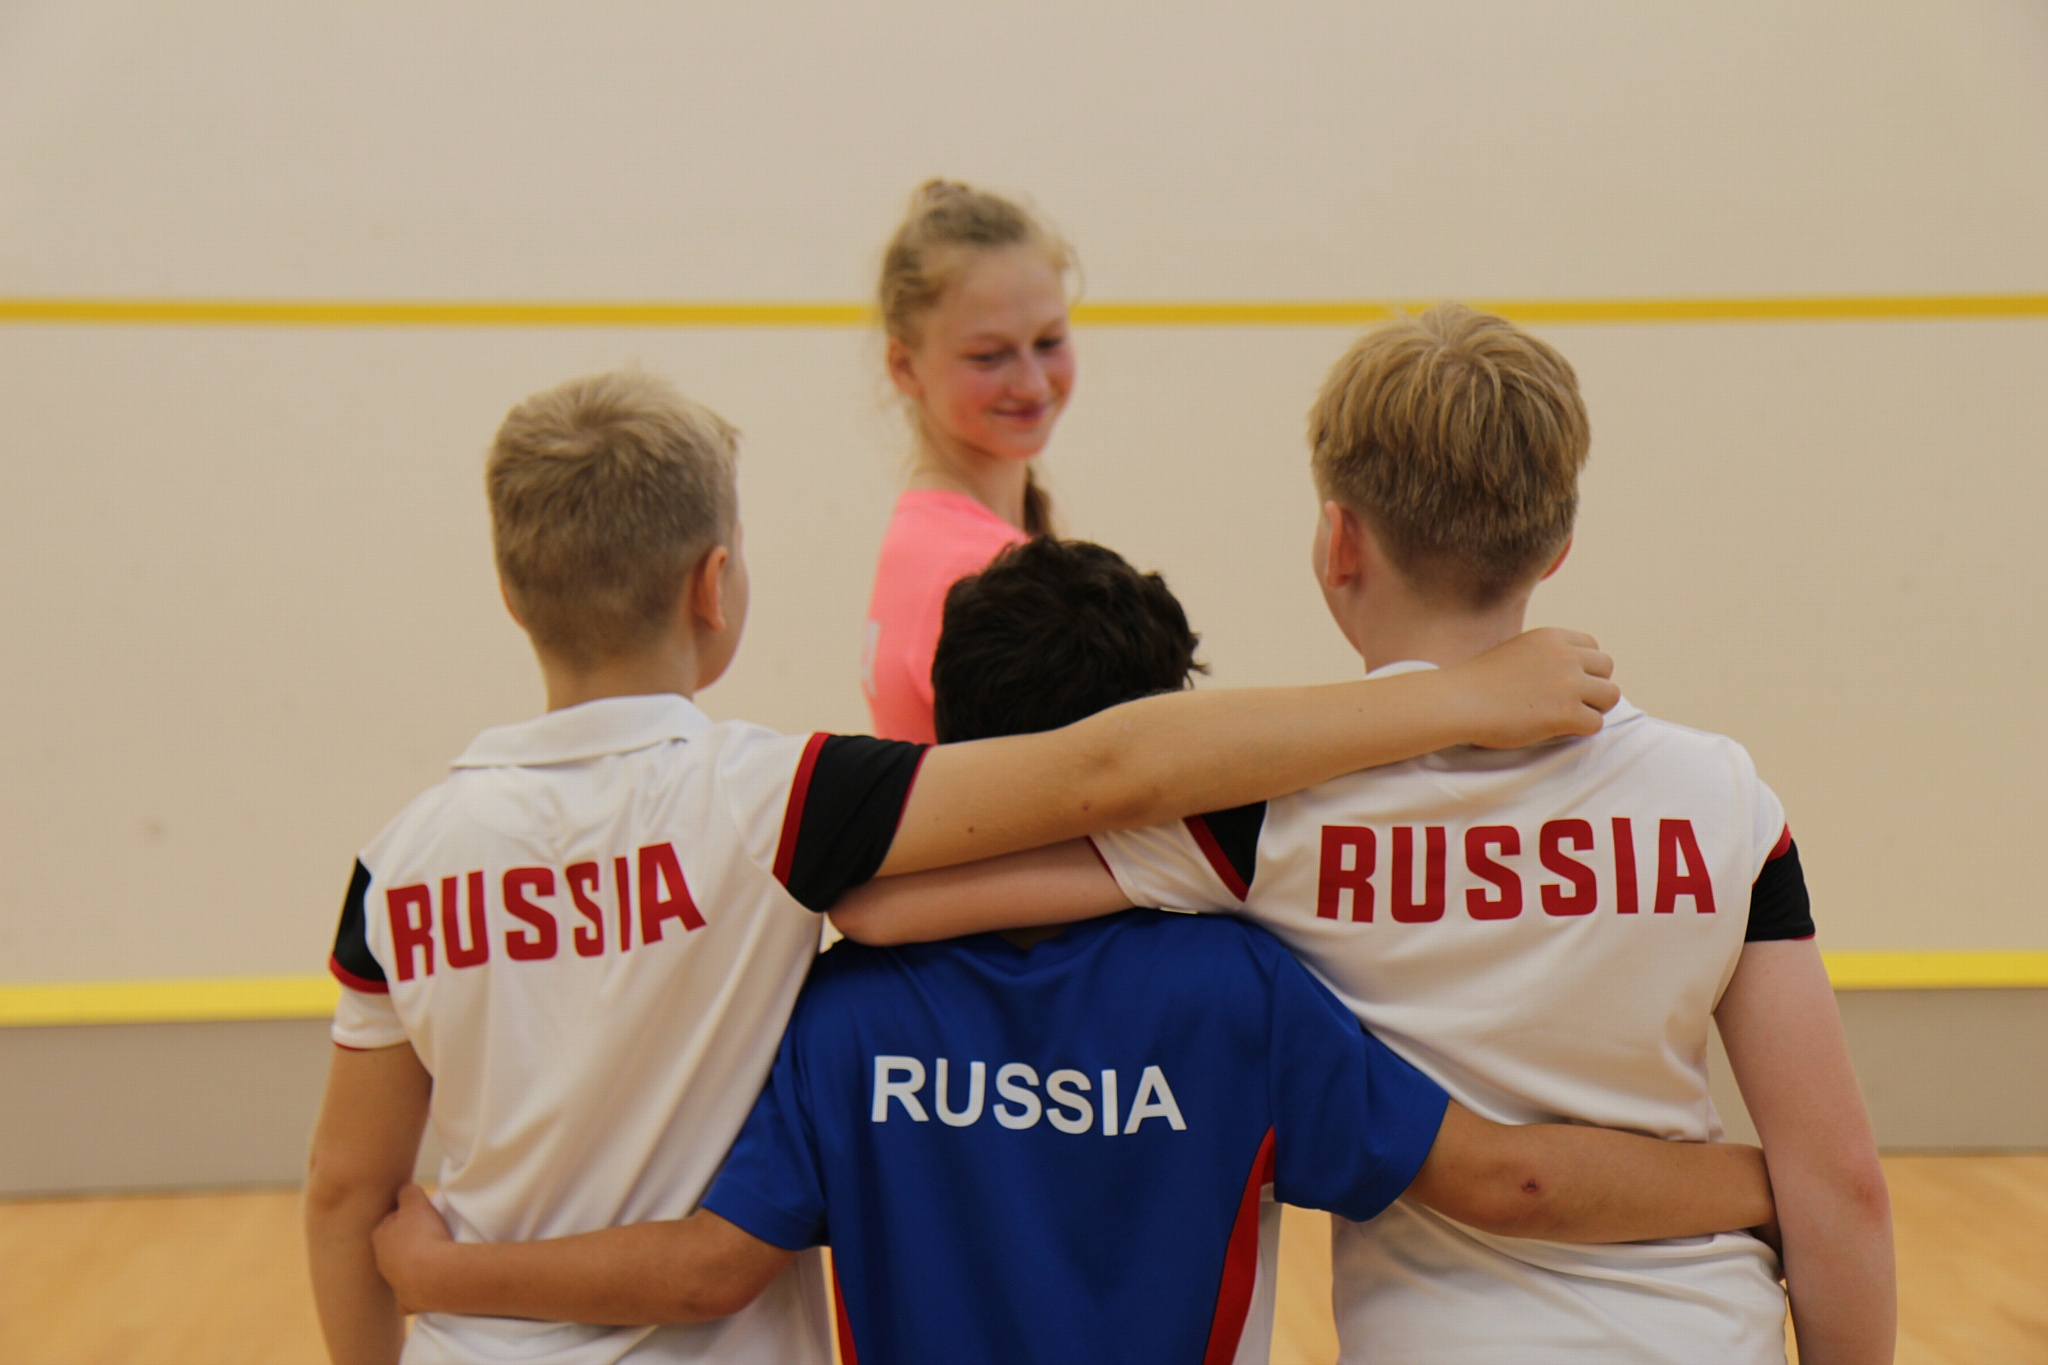 Впервые в истории представительница России едет на первенство мира по сквошу